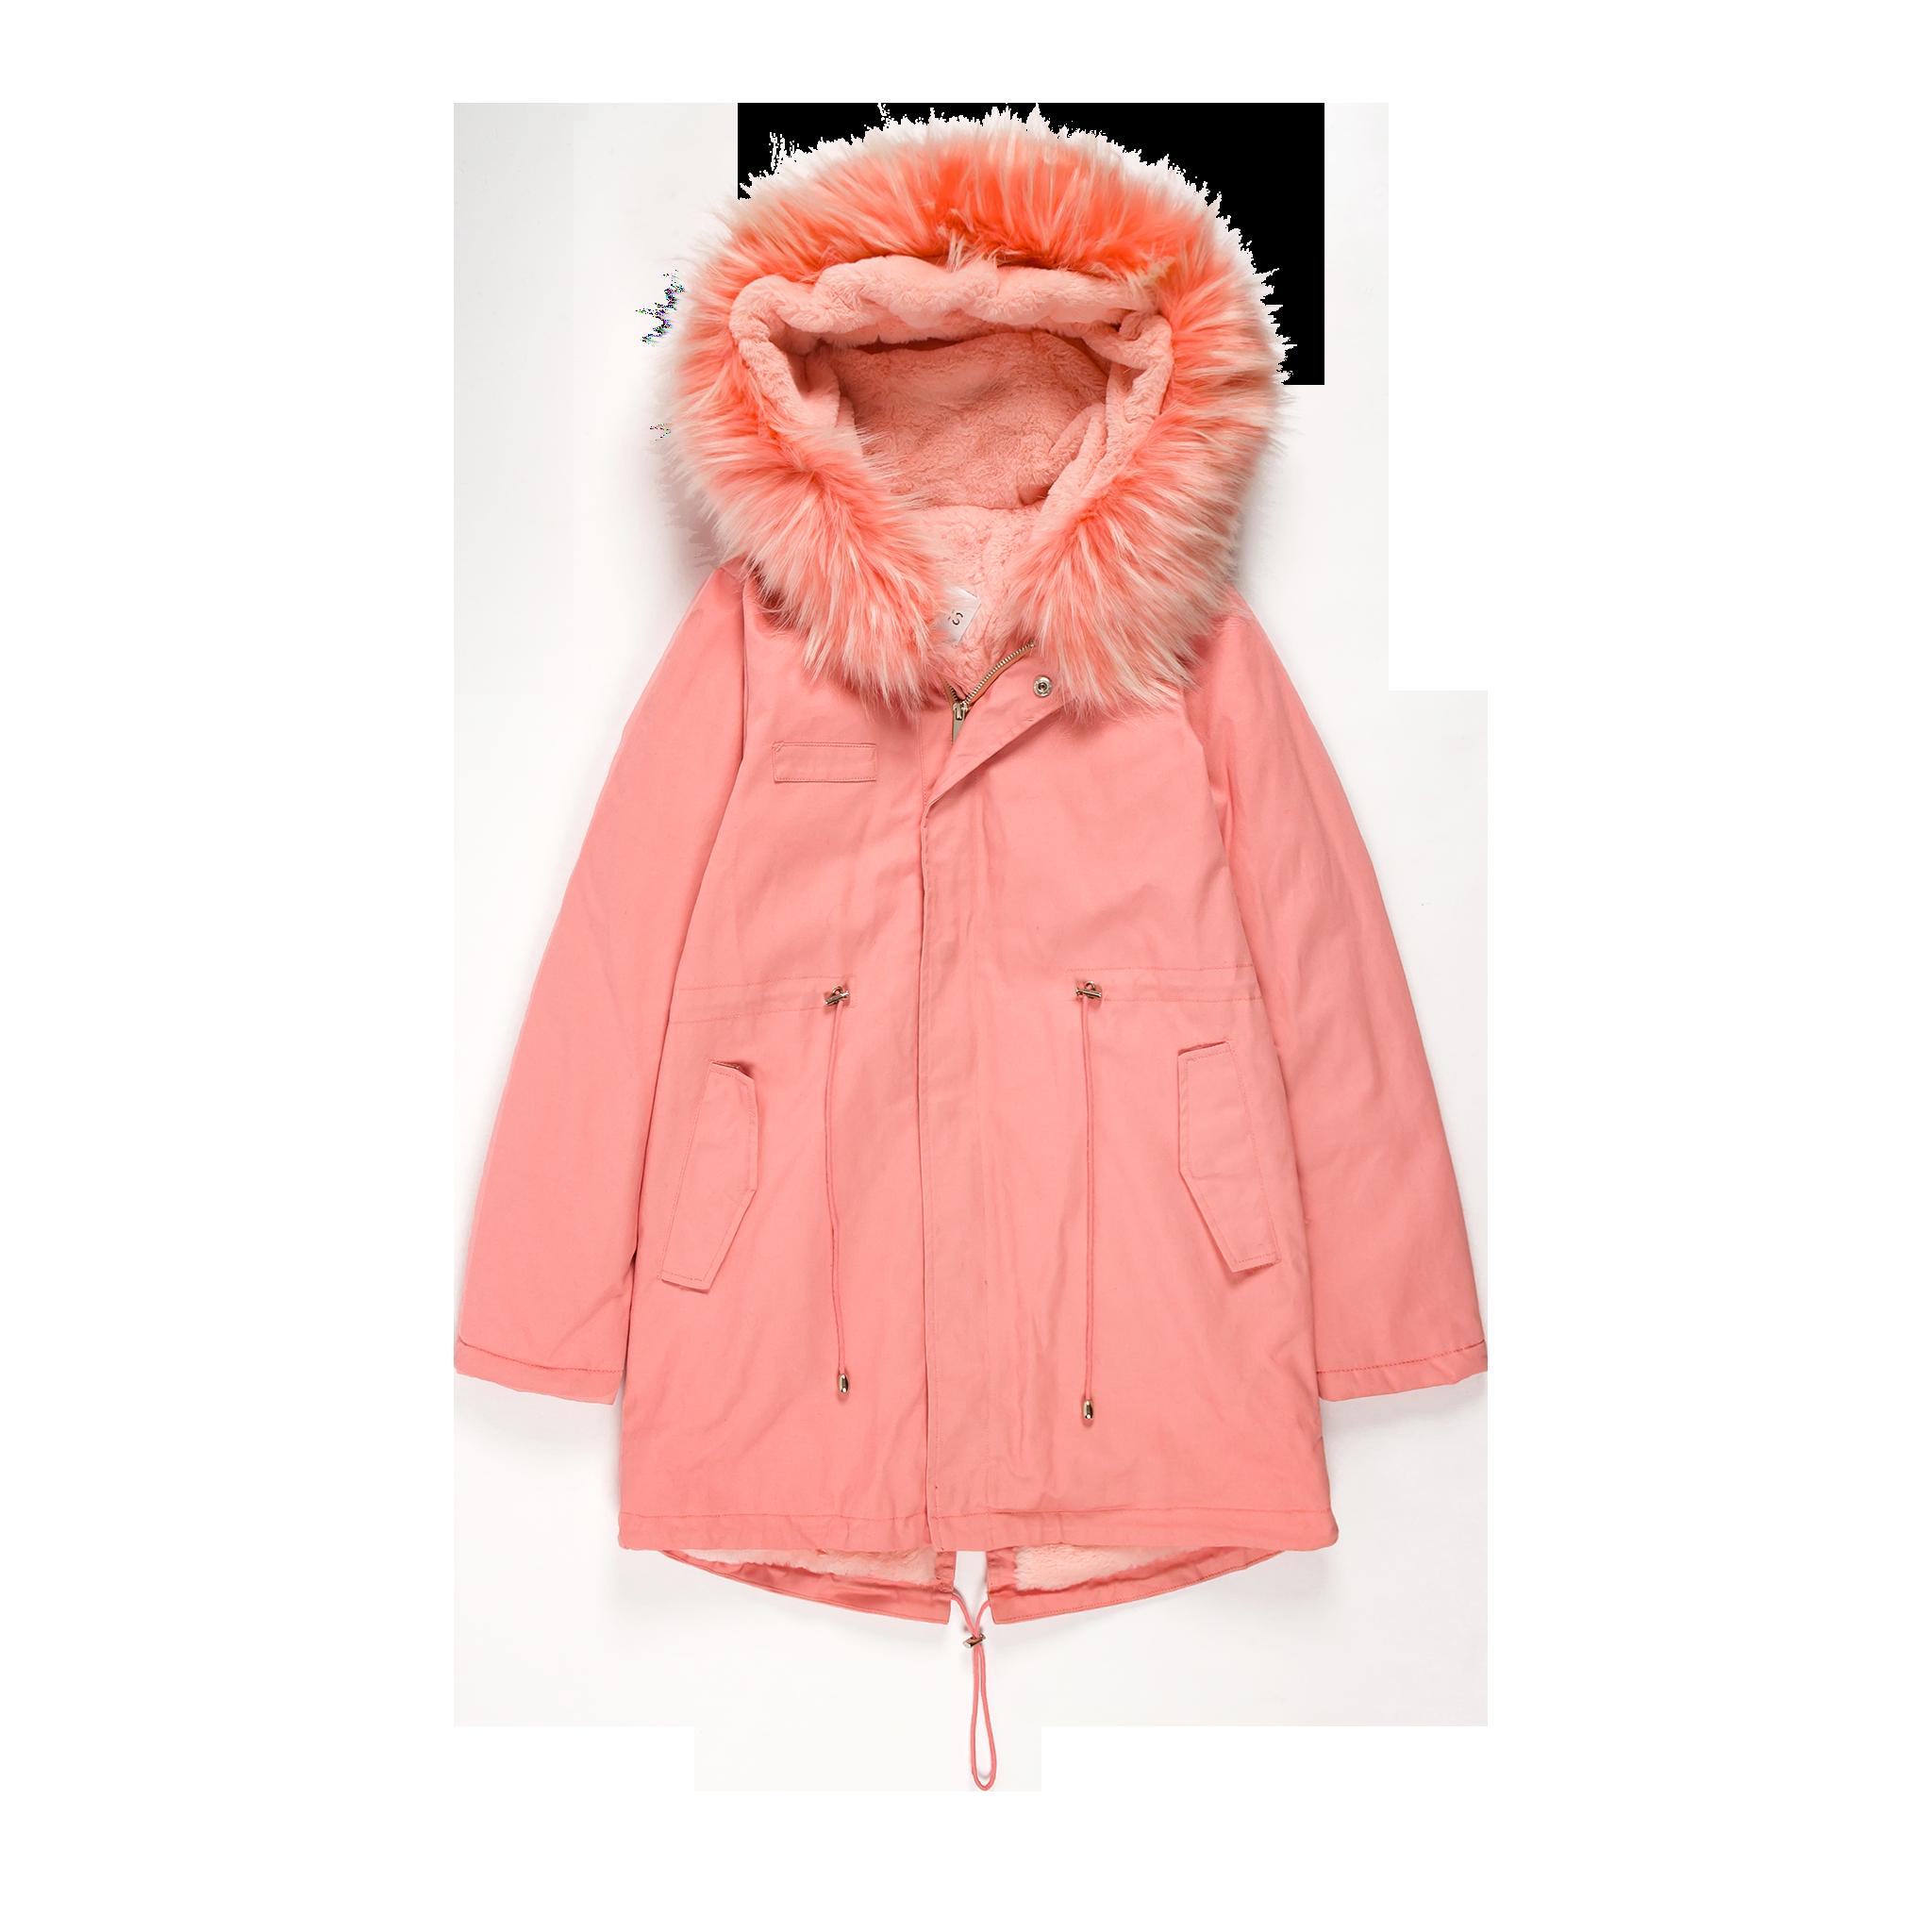 coat product image